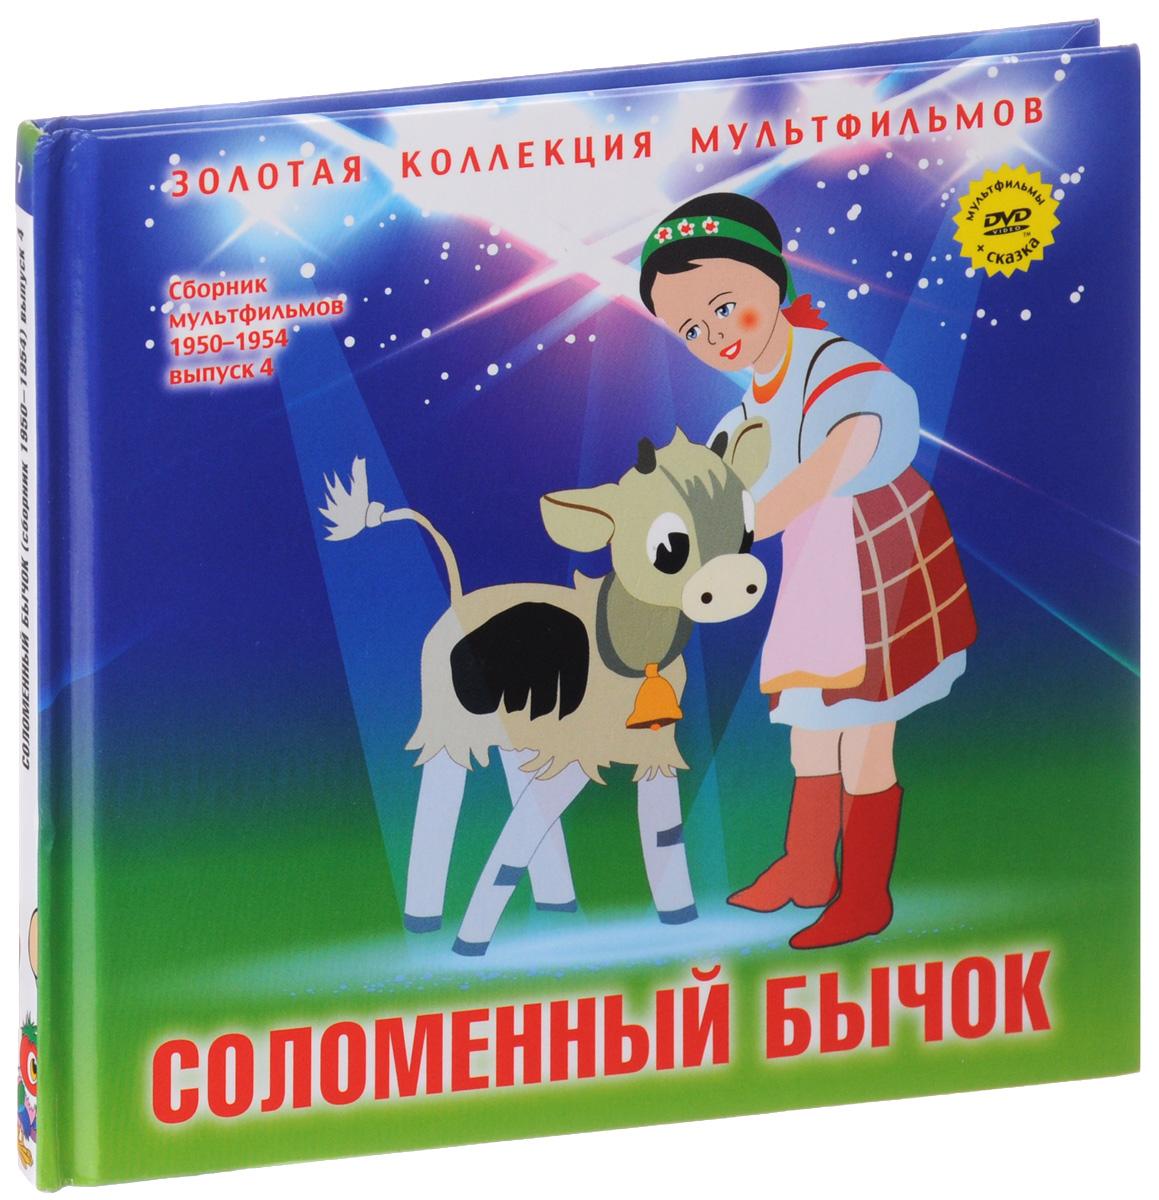 Сборник мультфильмов 1950-1954: Выпуск 4: Соломенный бычок